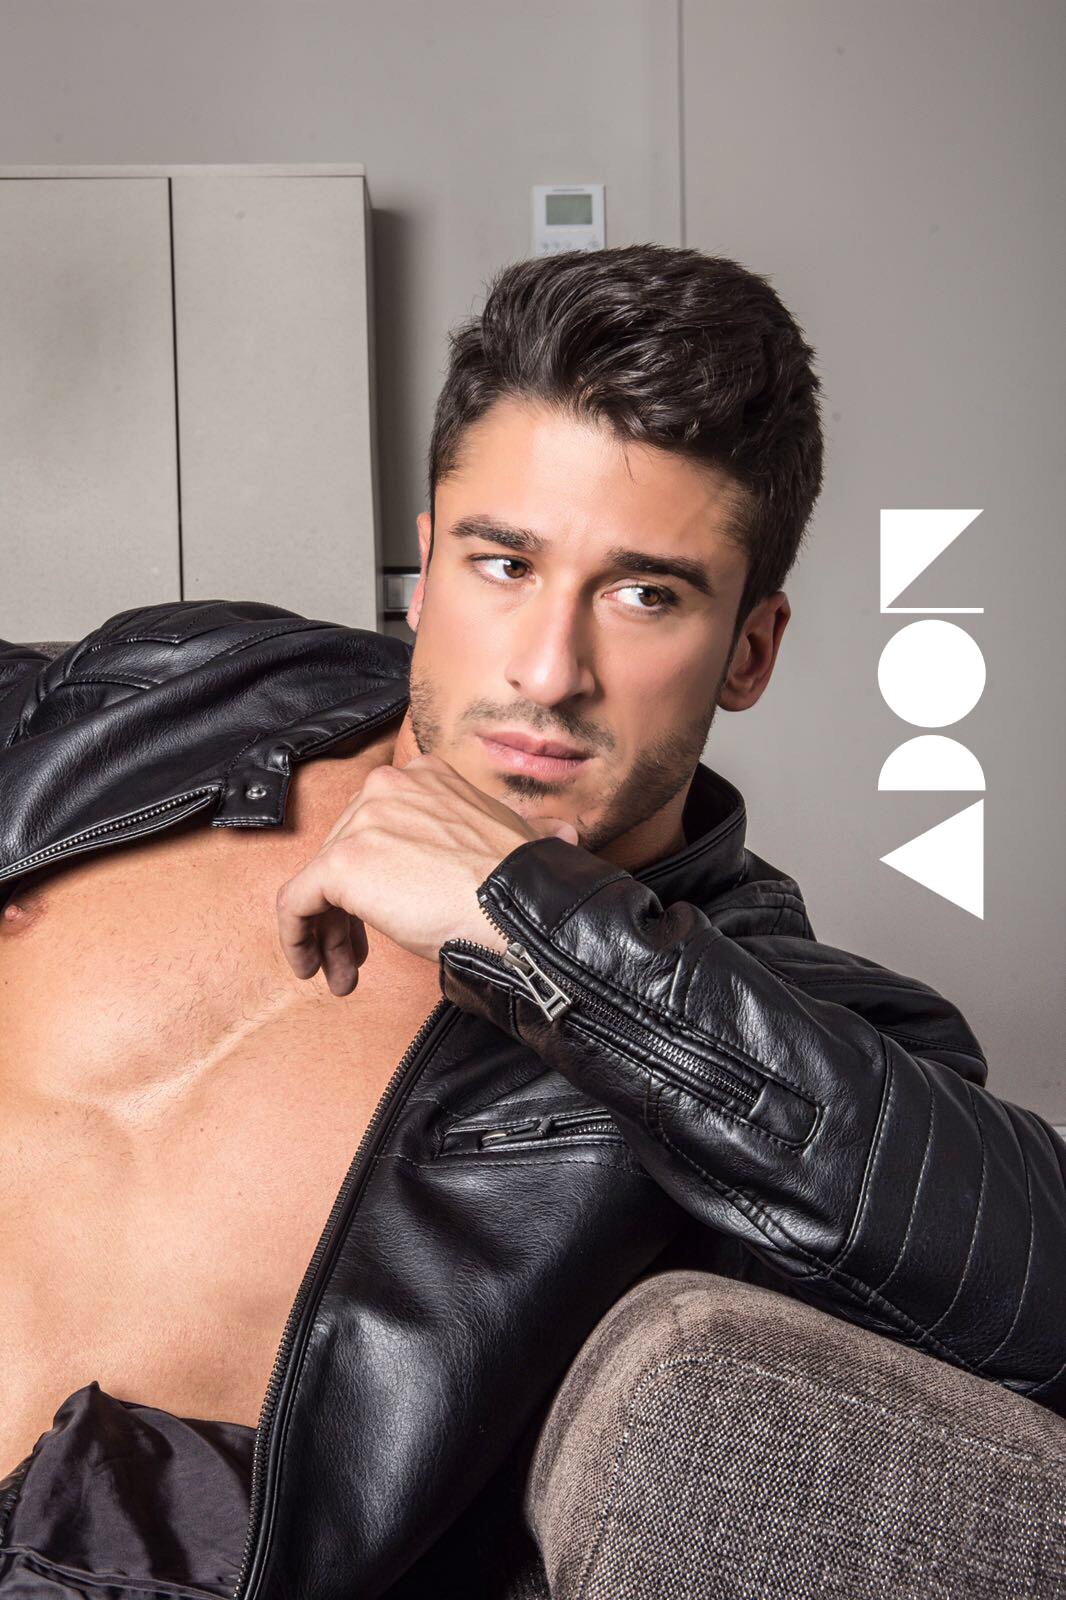 Adon Exclusive: Model David Castilla By GusLag